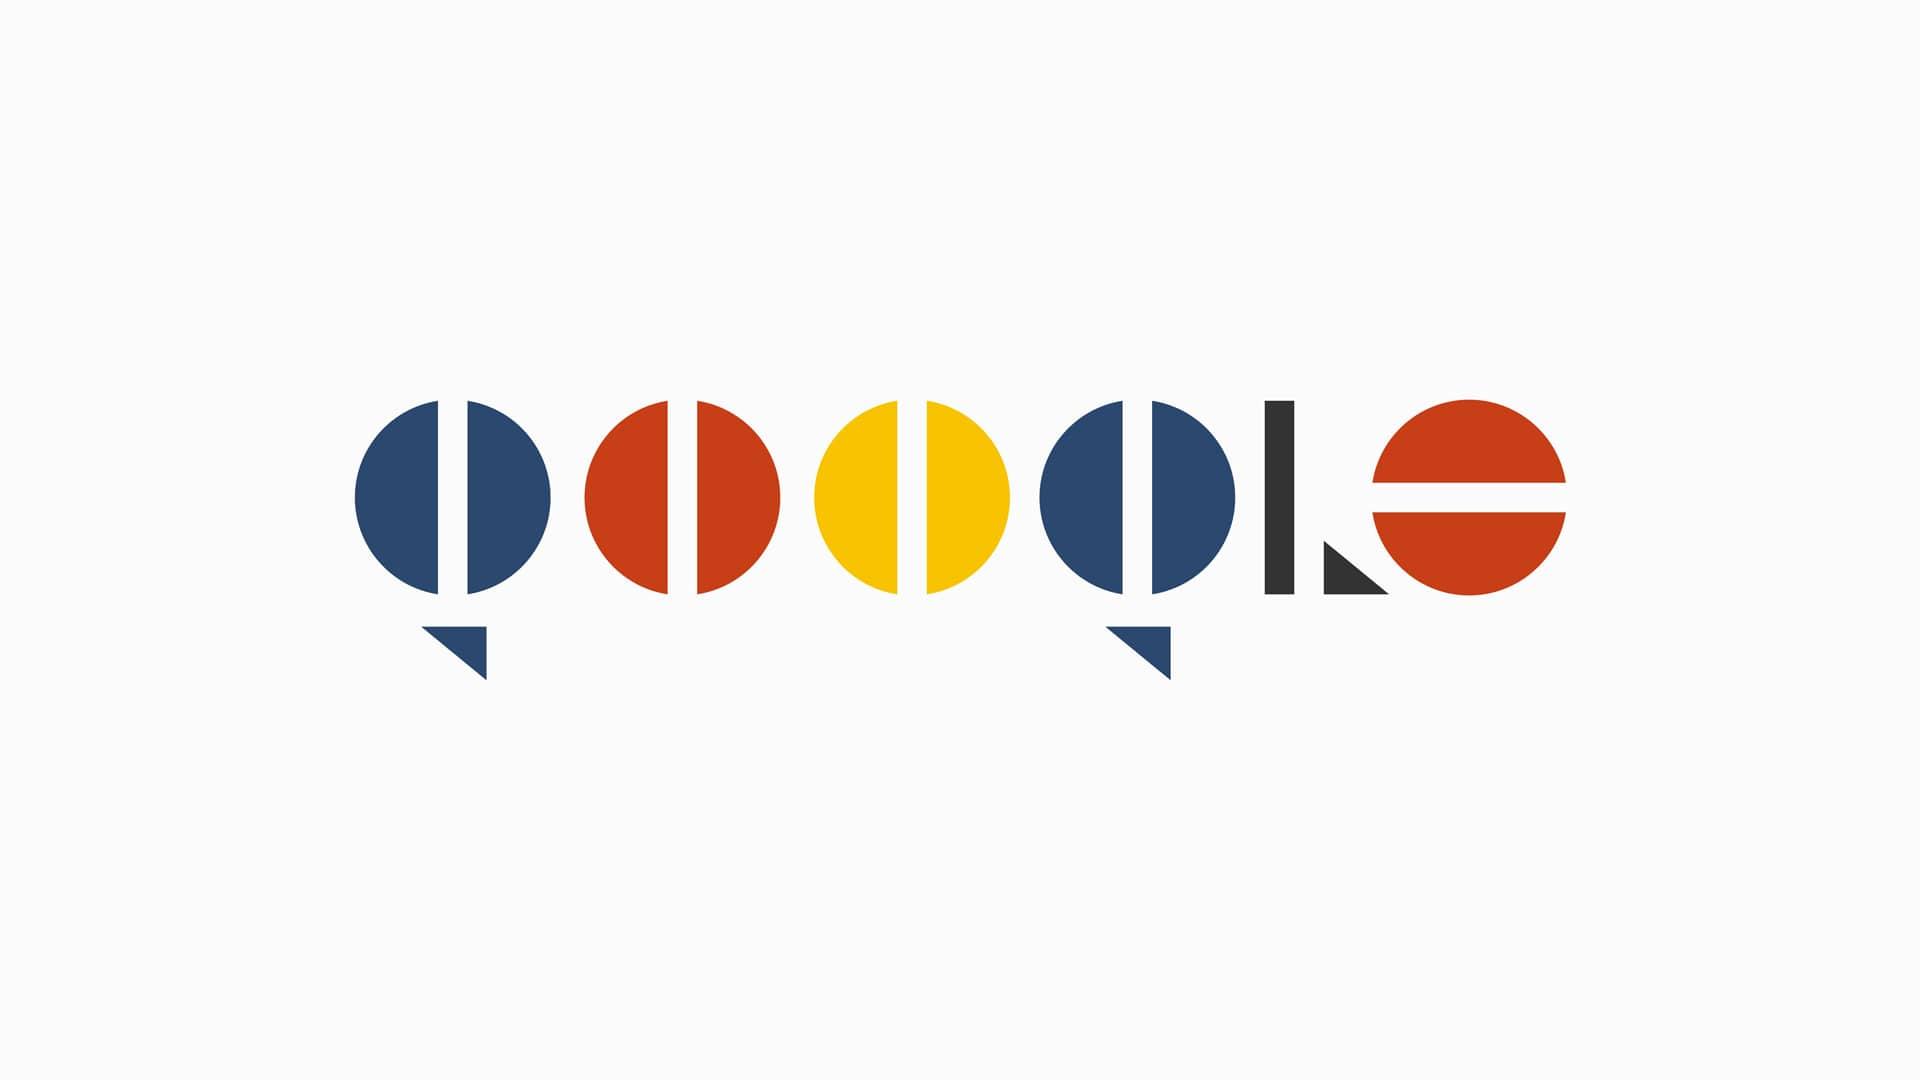 Les logos d'aujourd'hui, relookés pour les 100 ans du Bauhaus